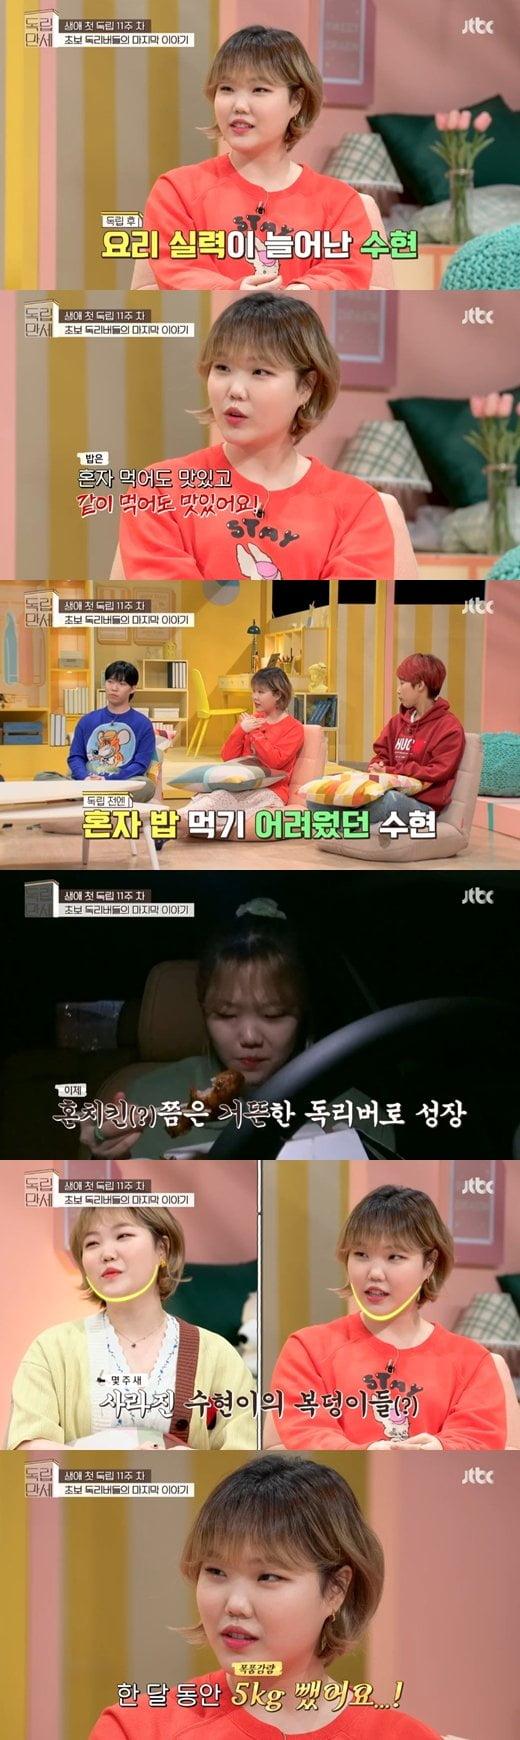 악동뮤지션 수현/사진=JTBC '독립만세'